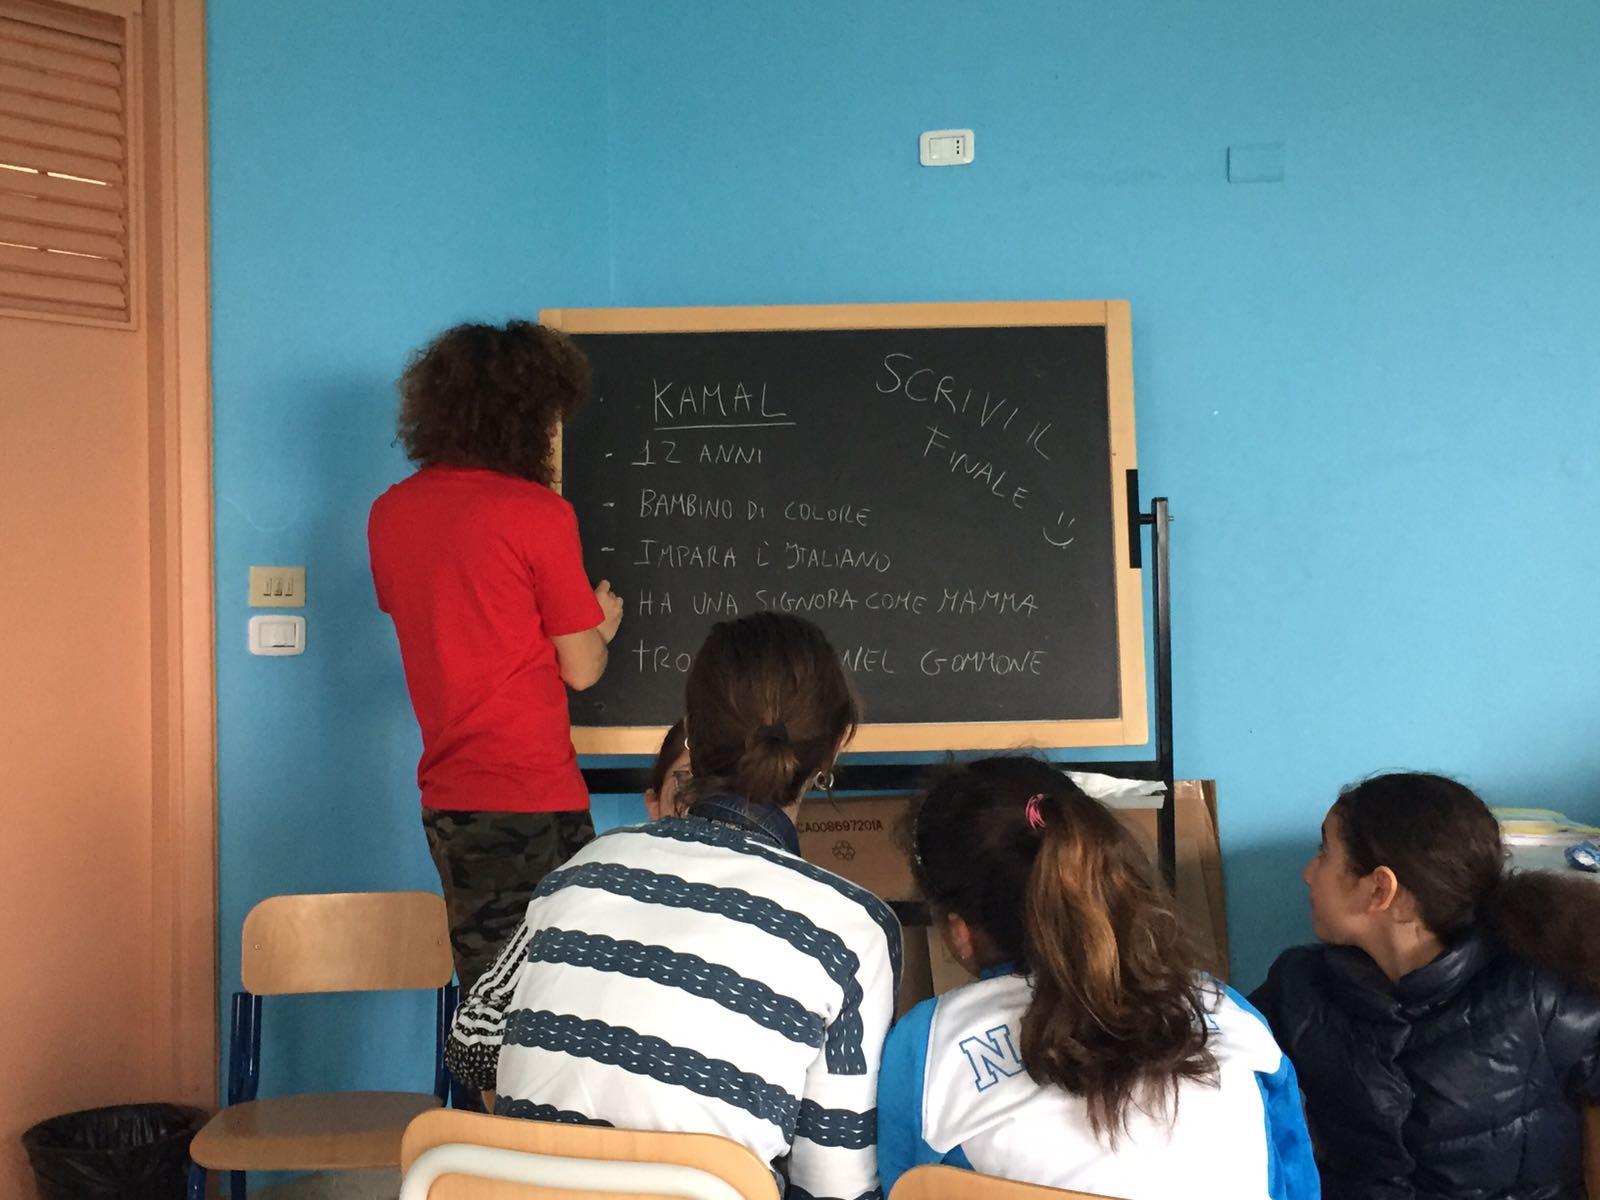 Bambine e bambini protagonisti della scuola del desiderio.